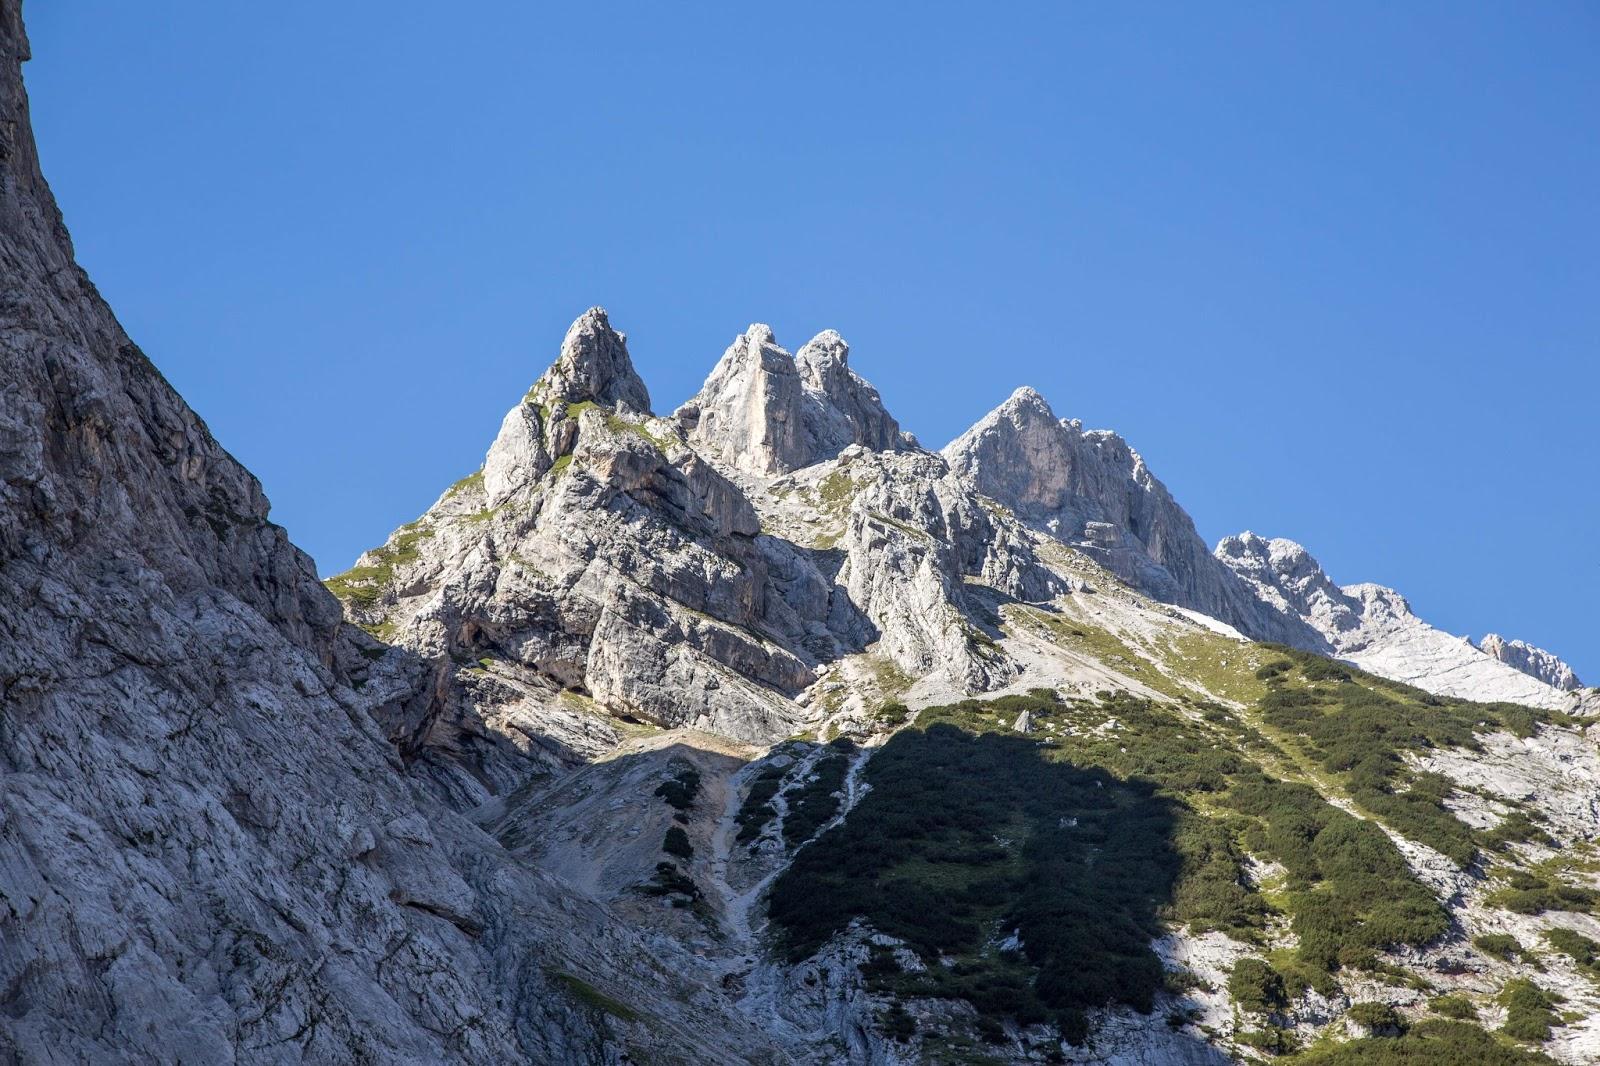 Klettersteig Garmisch : Wanderung von garmisch auf die zugspitze zugspitztour tägig